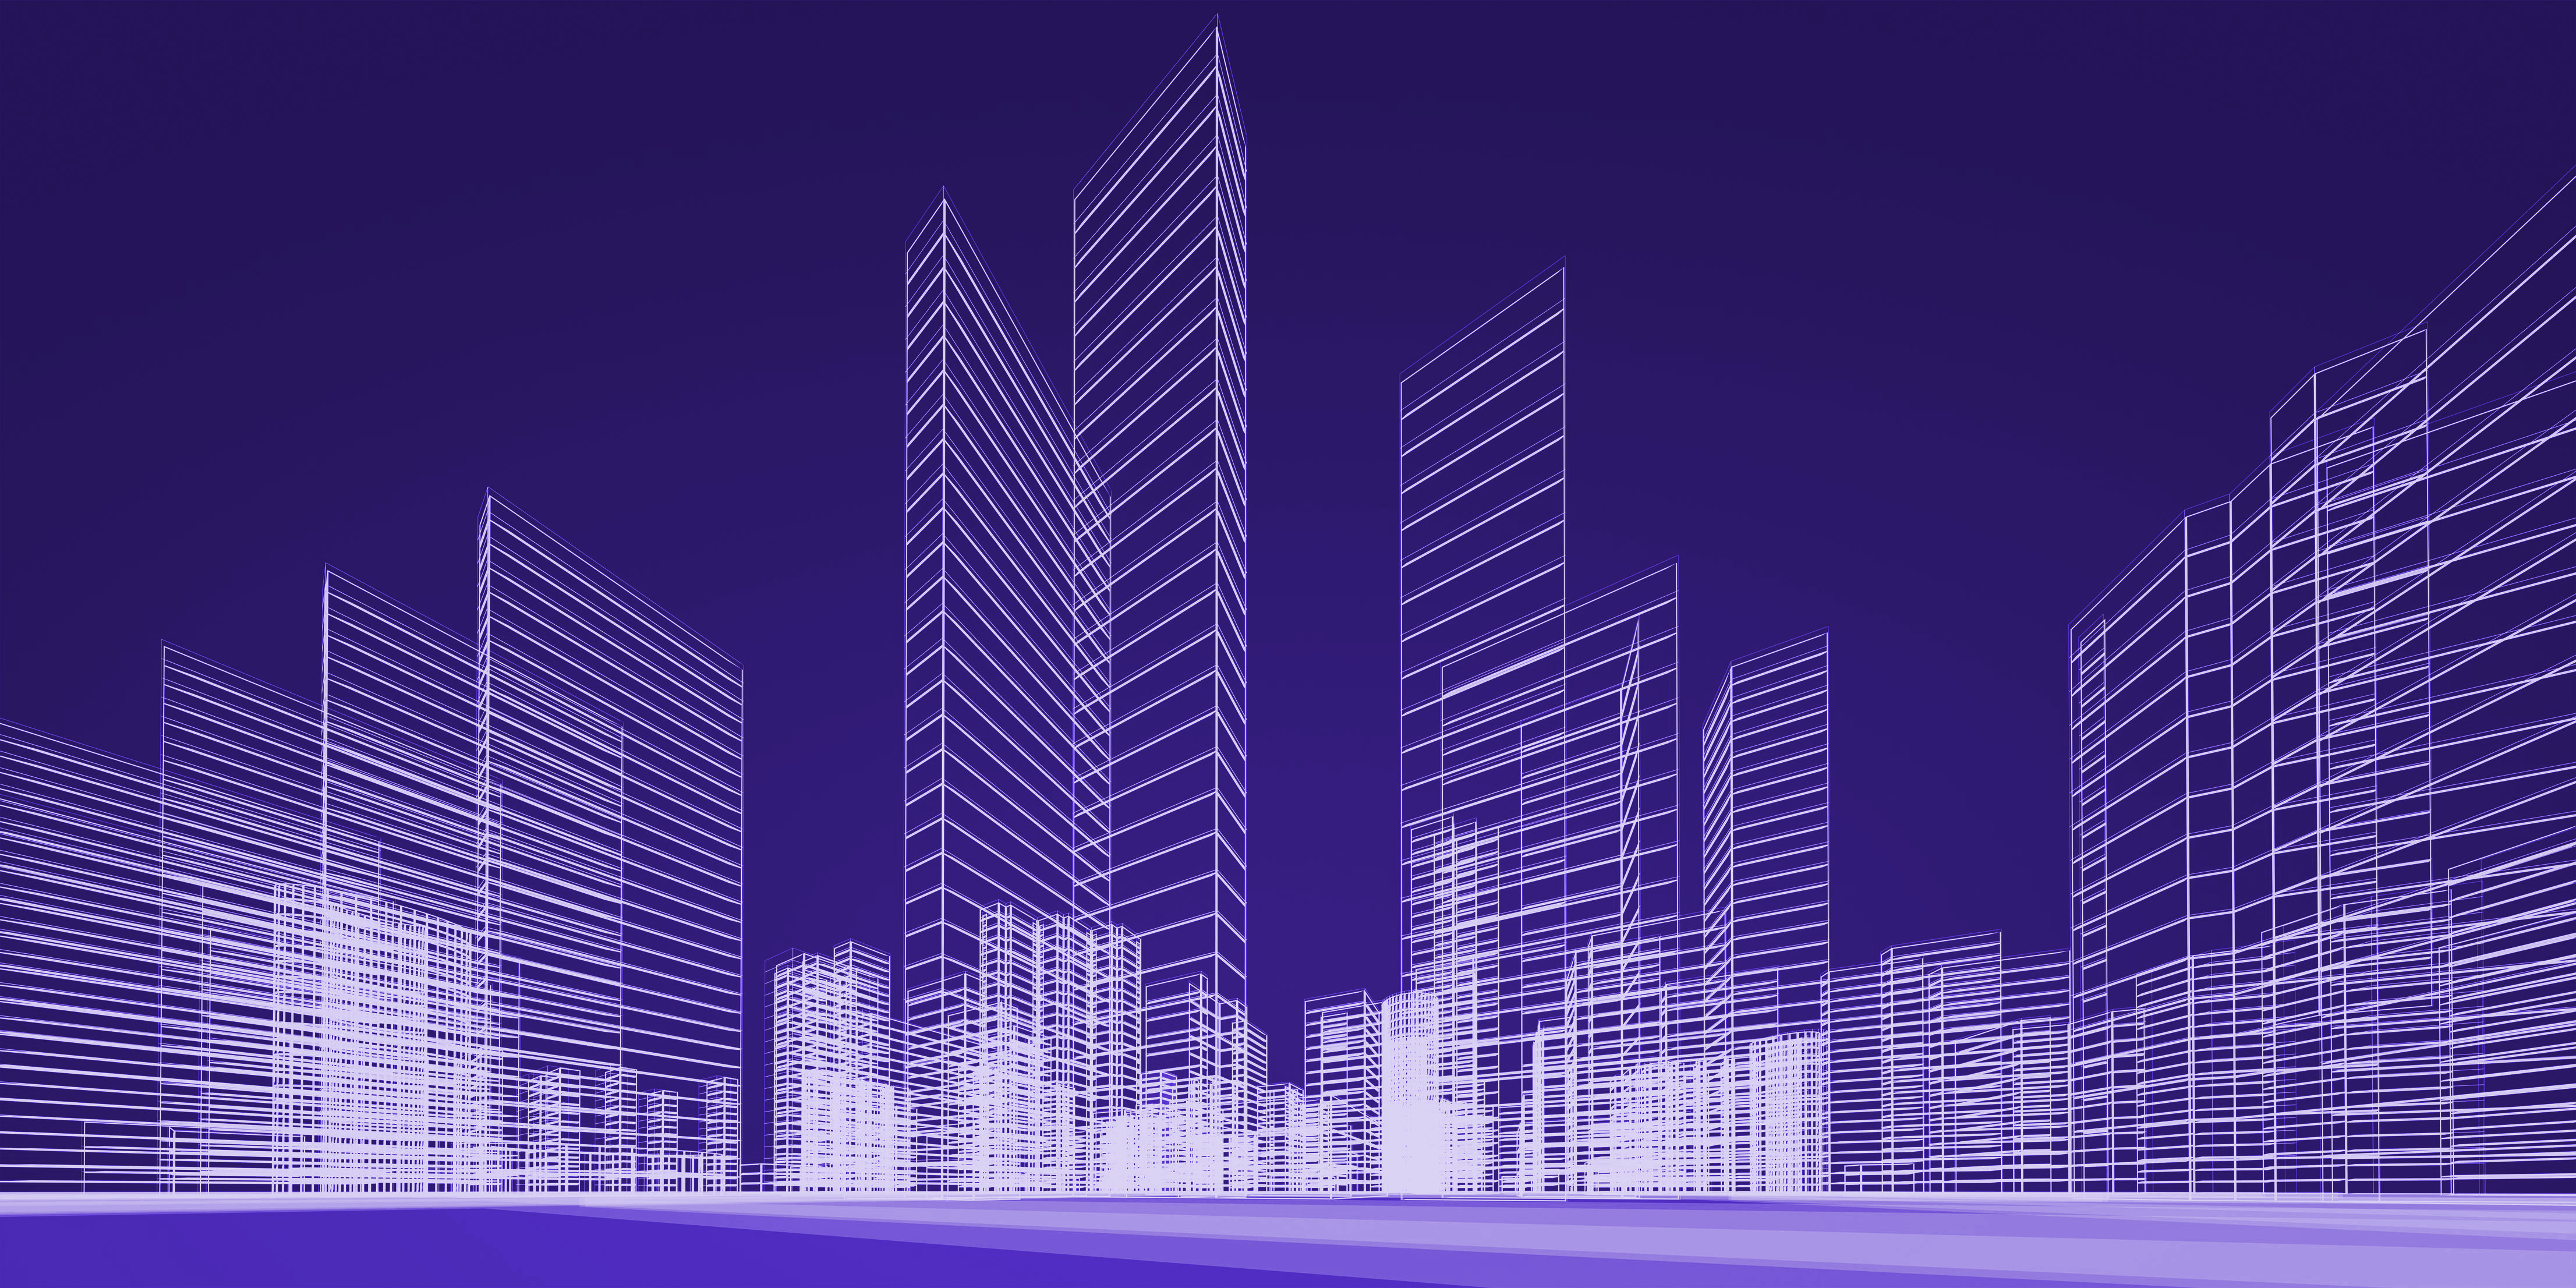 Análise do gerenciamento de projetos de uma concessionária de rodovias atuante no estado de sao paulo 6